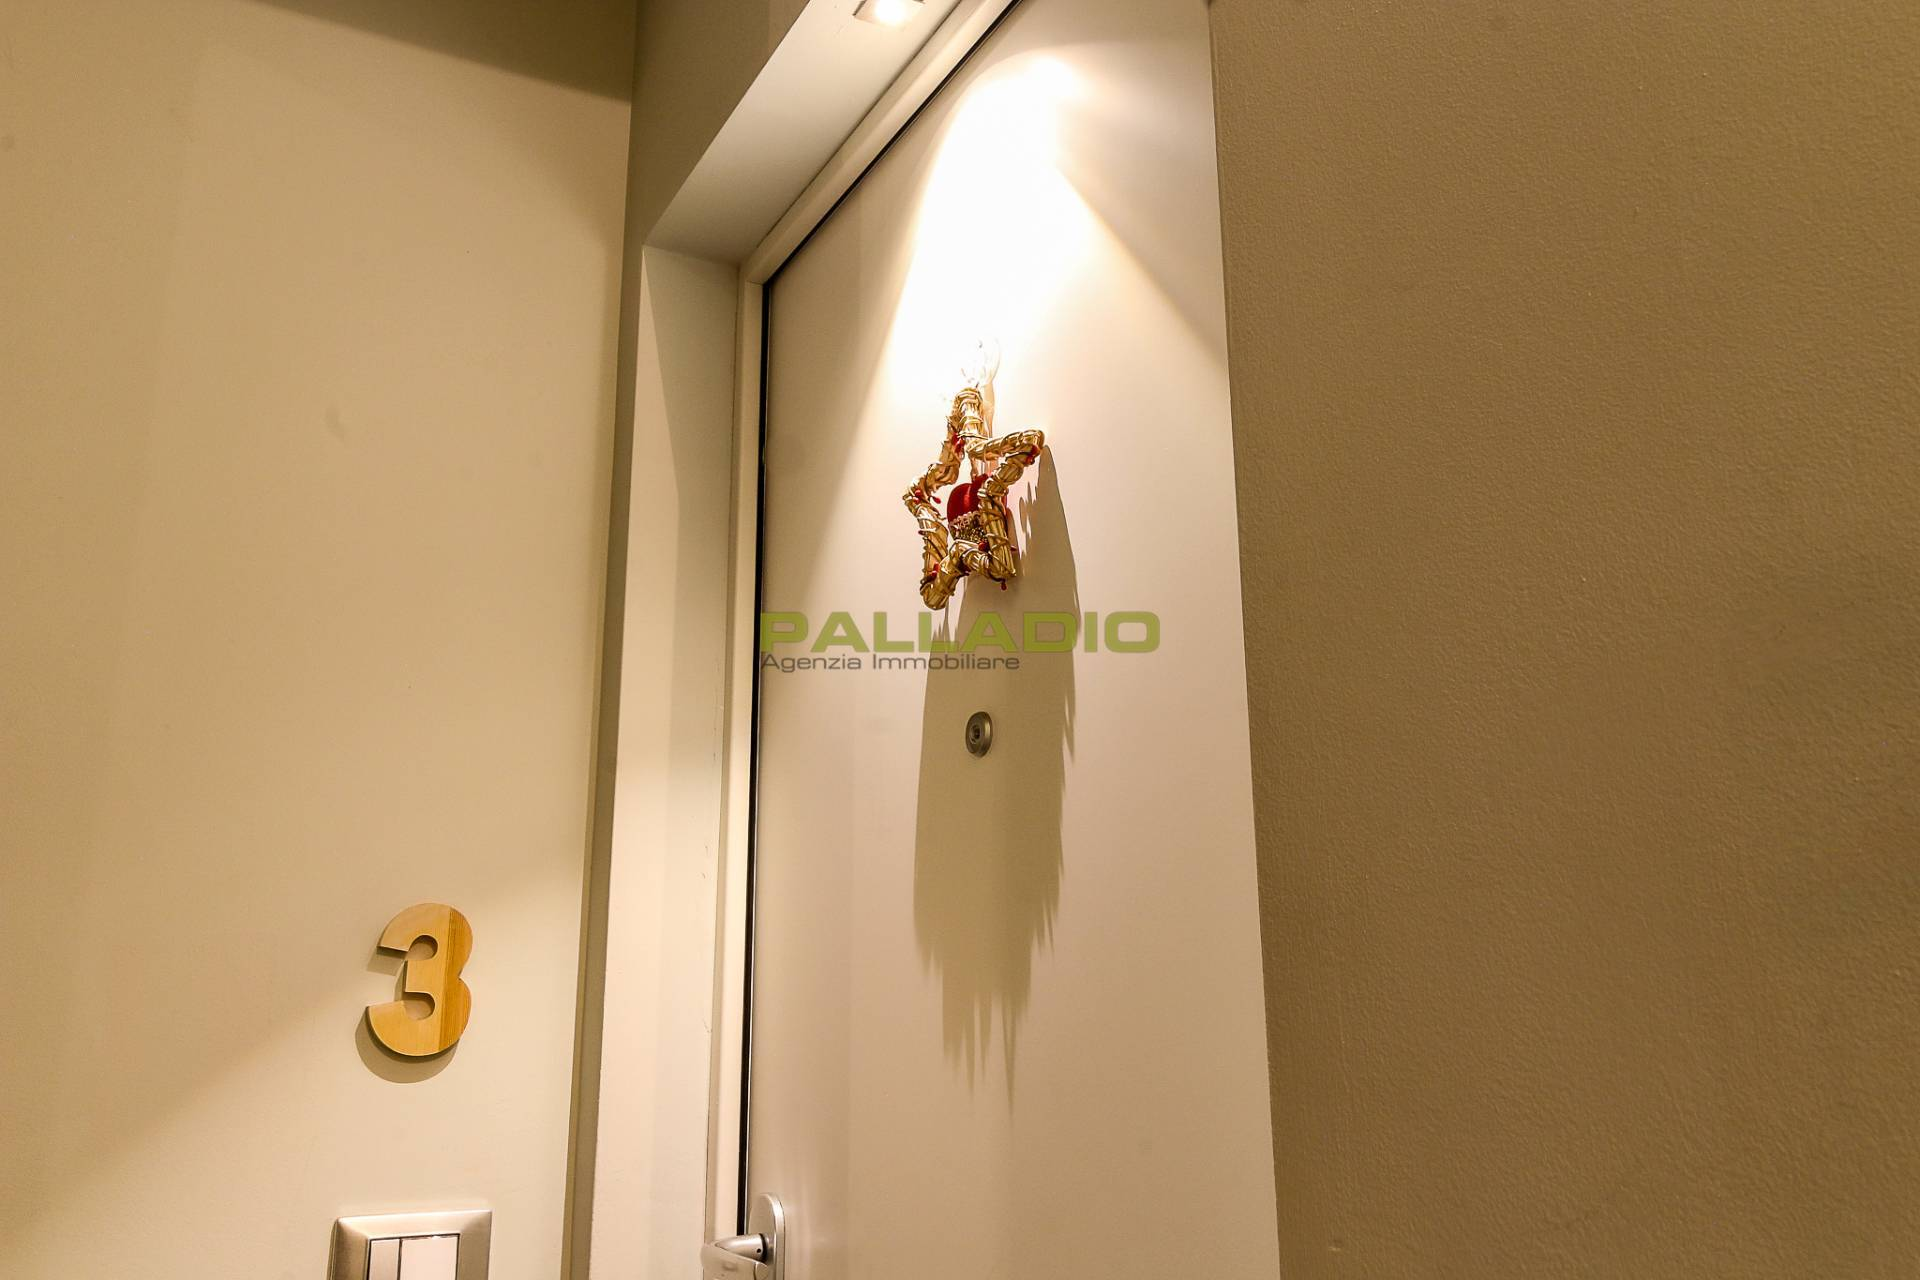 Appartamento in vendita a Aosta, 2 locali, zona Zona: Centro, prezzo € 145.000   CambioCasa.it